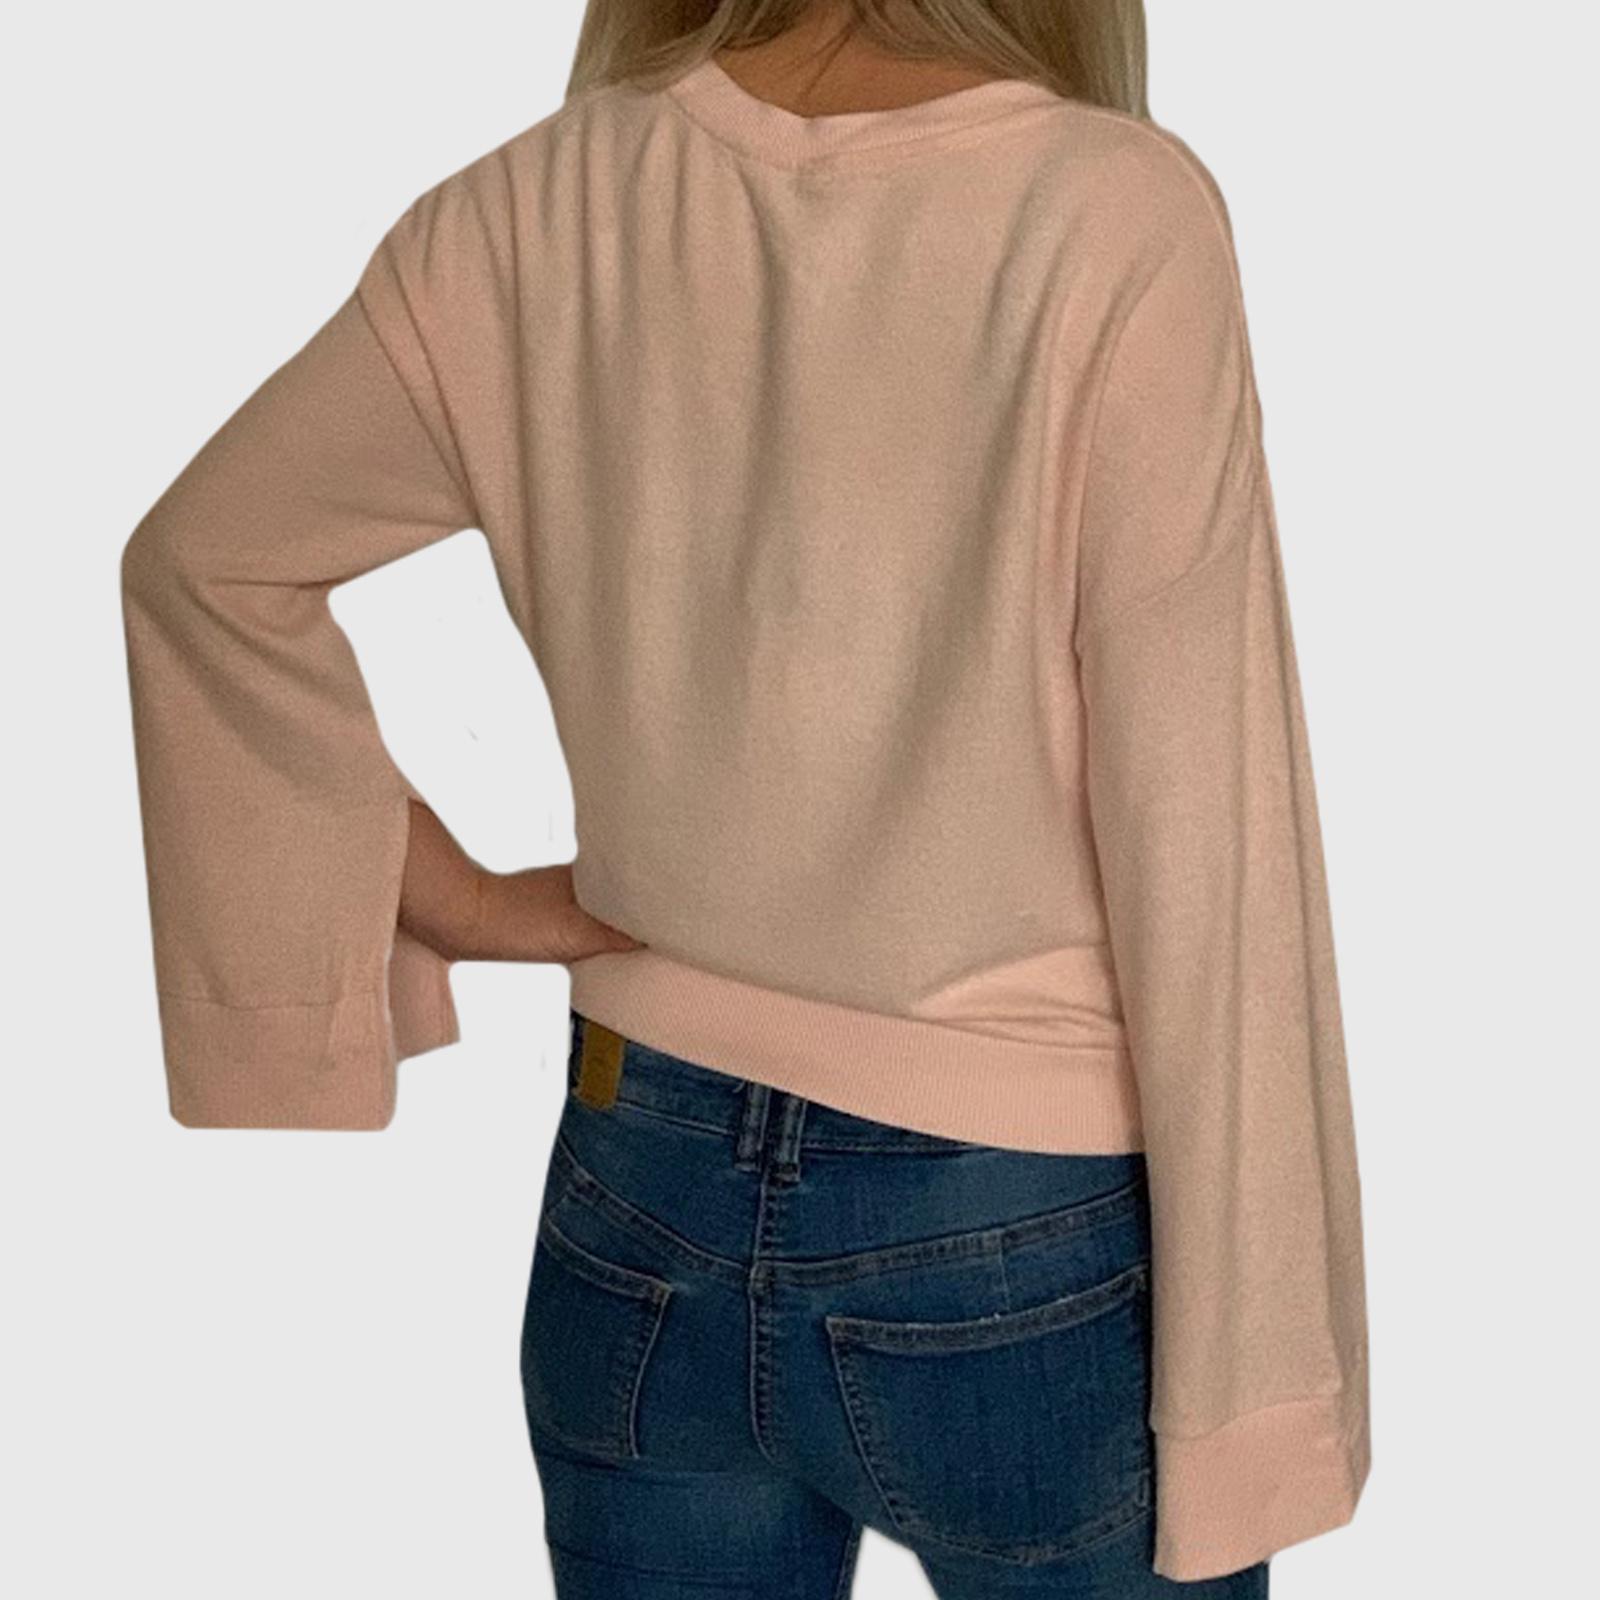 Недорогая женская кофточка в розовом цвете